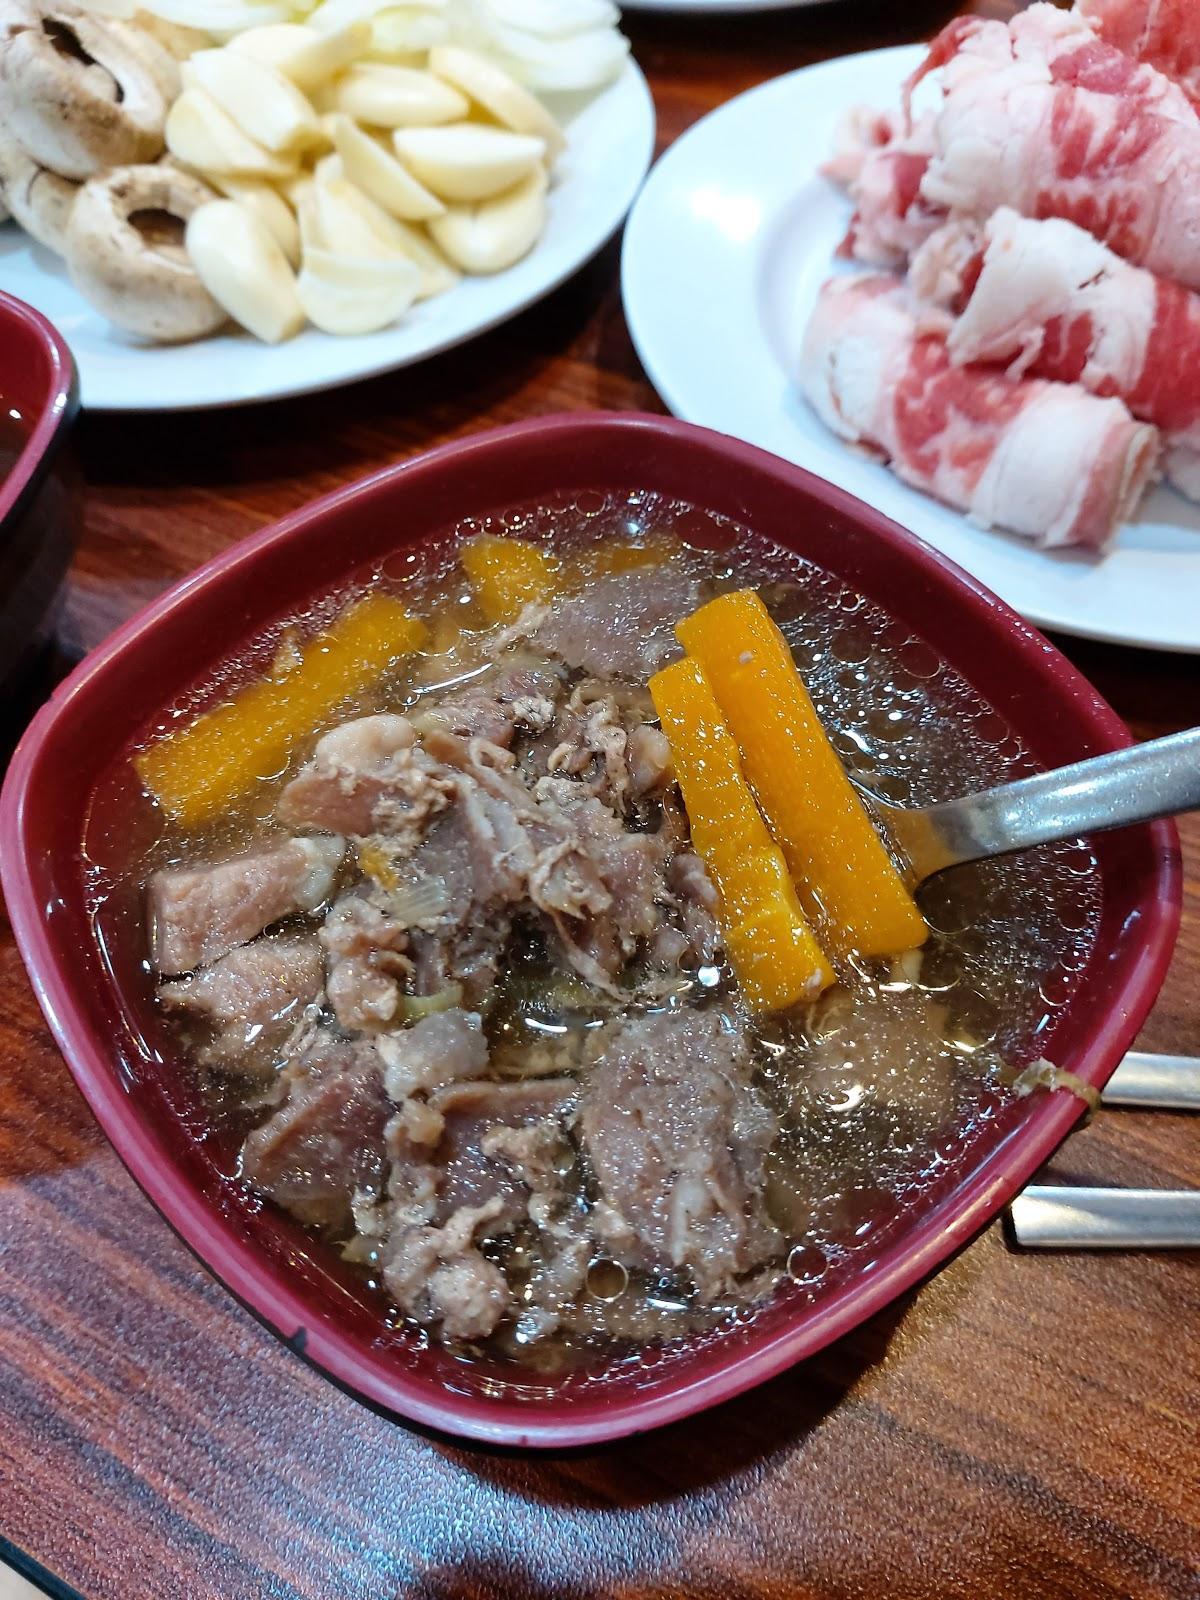 Manse Korean Grill Surabaya : manse, korean, grill, surabaya, Manse, Korean, Grill, Restaurant,, Surabaya,, Manyar, Kertoarjo, No.12, Restaurant, Reviews